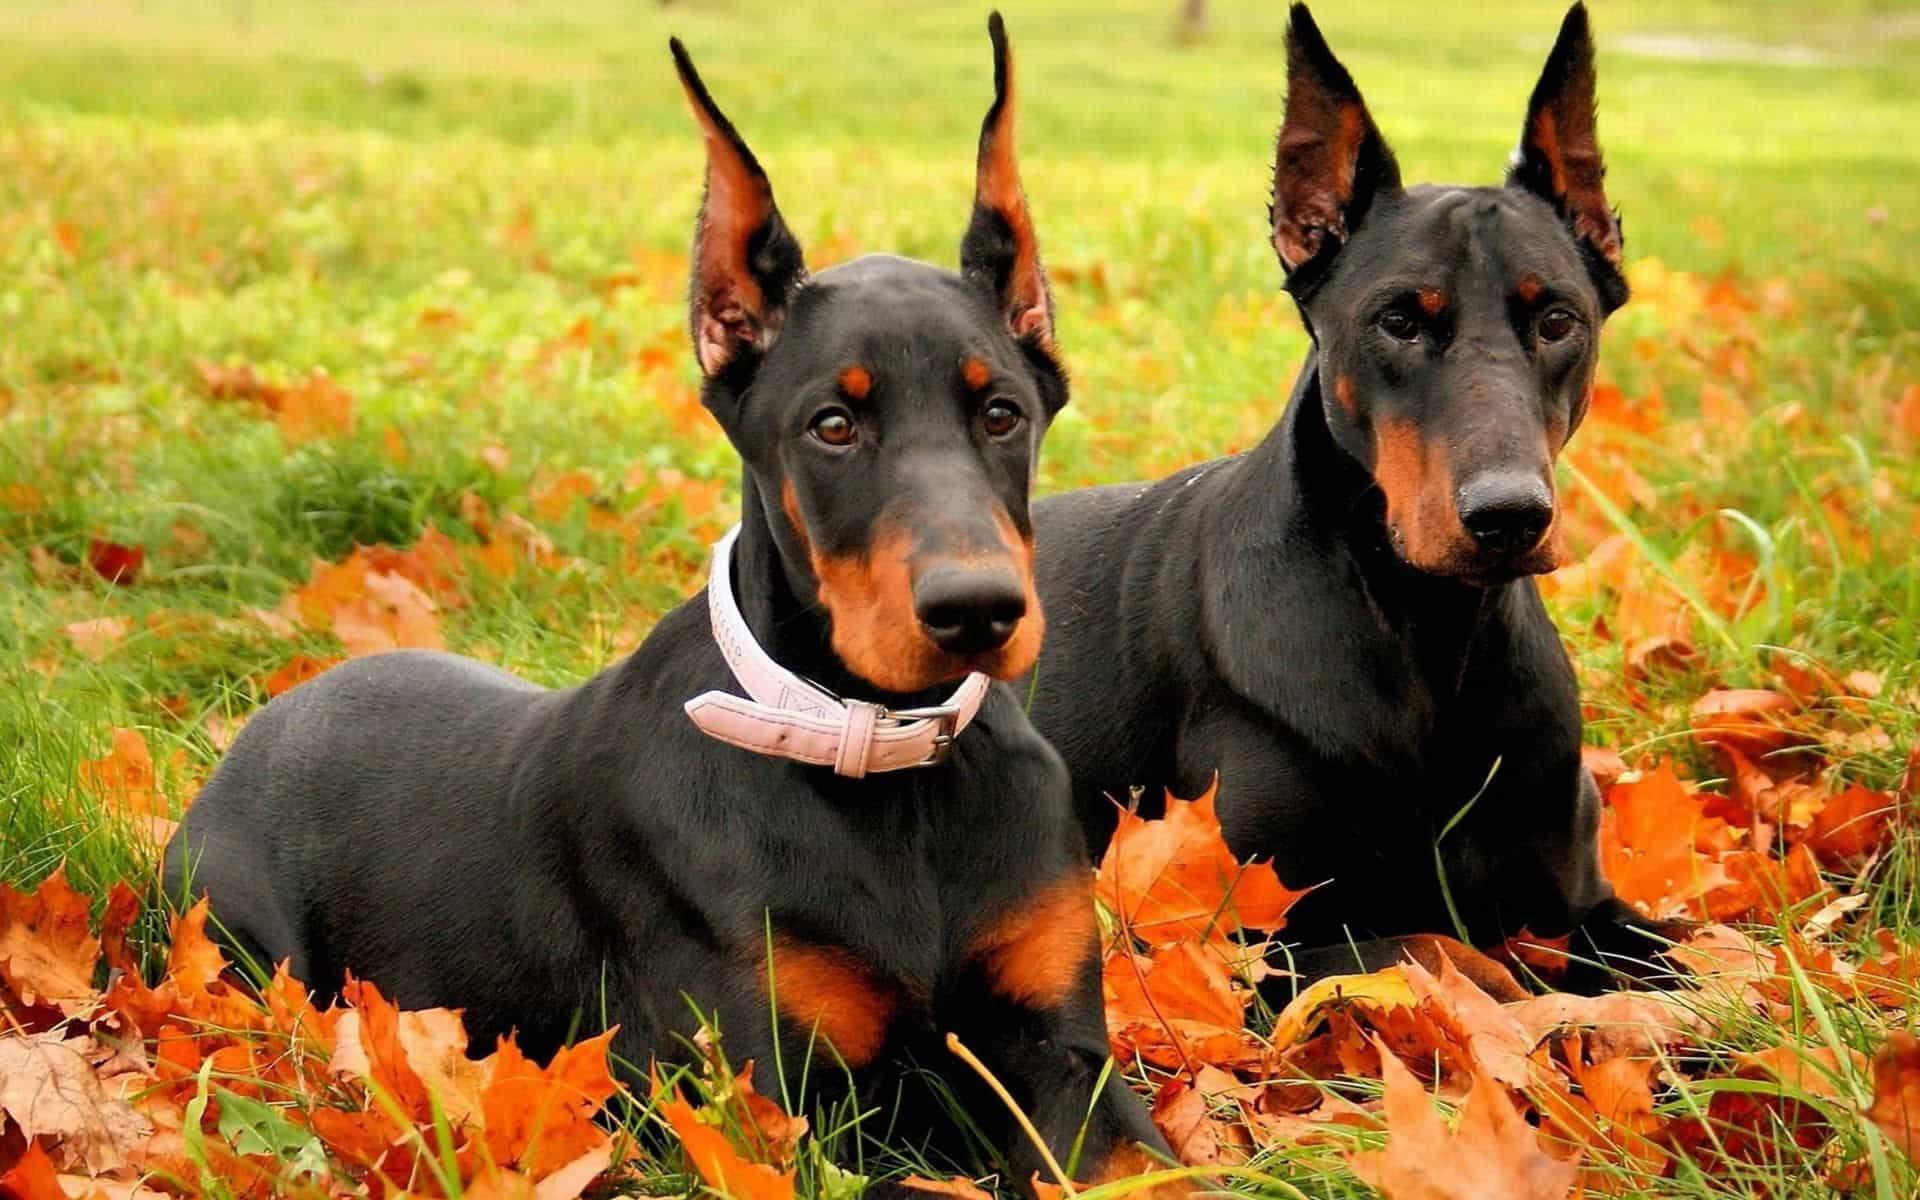 Hai chú chó Doberman trên lá vàng